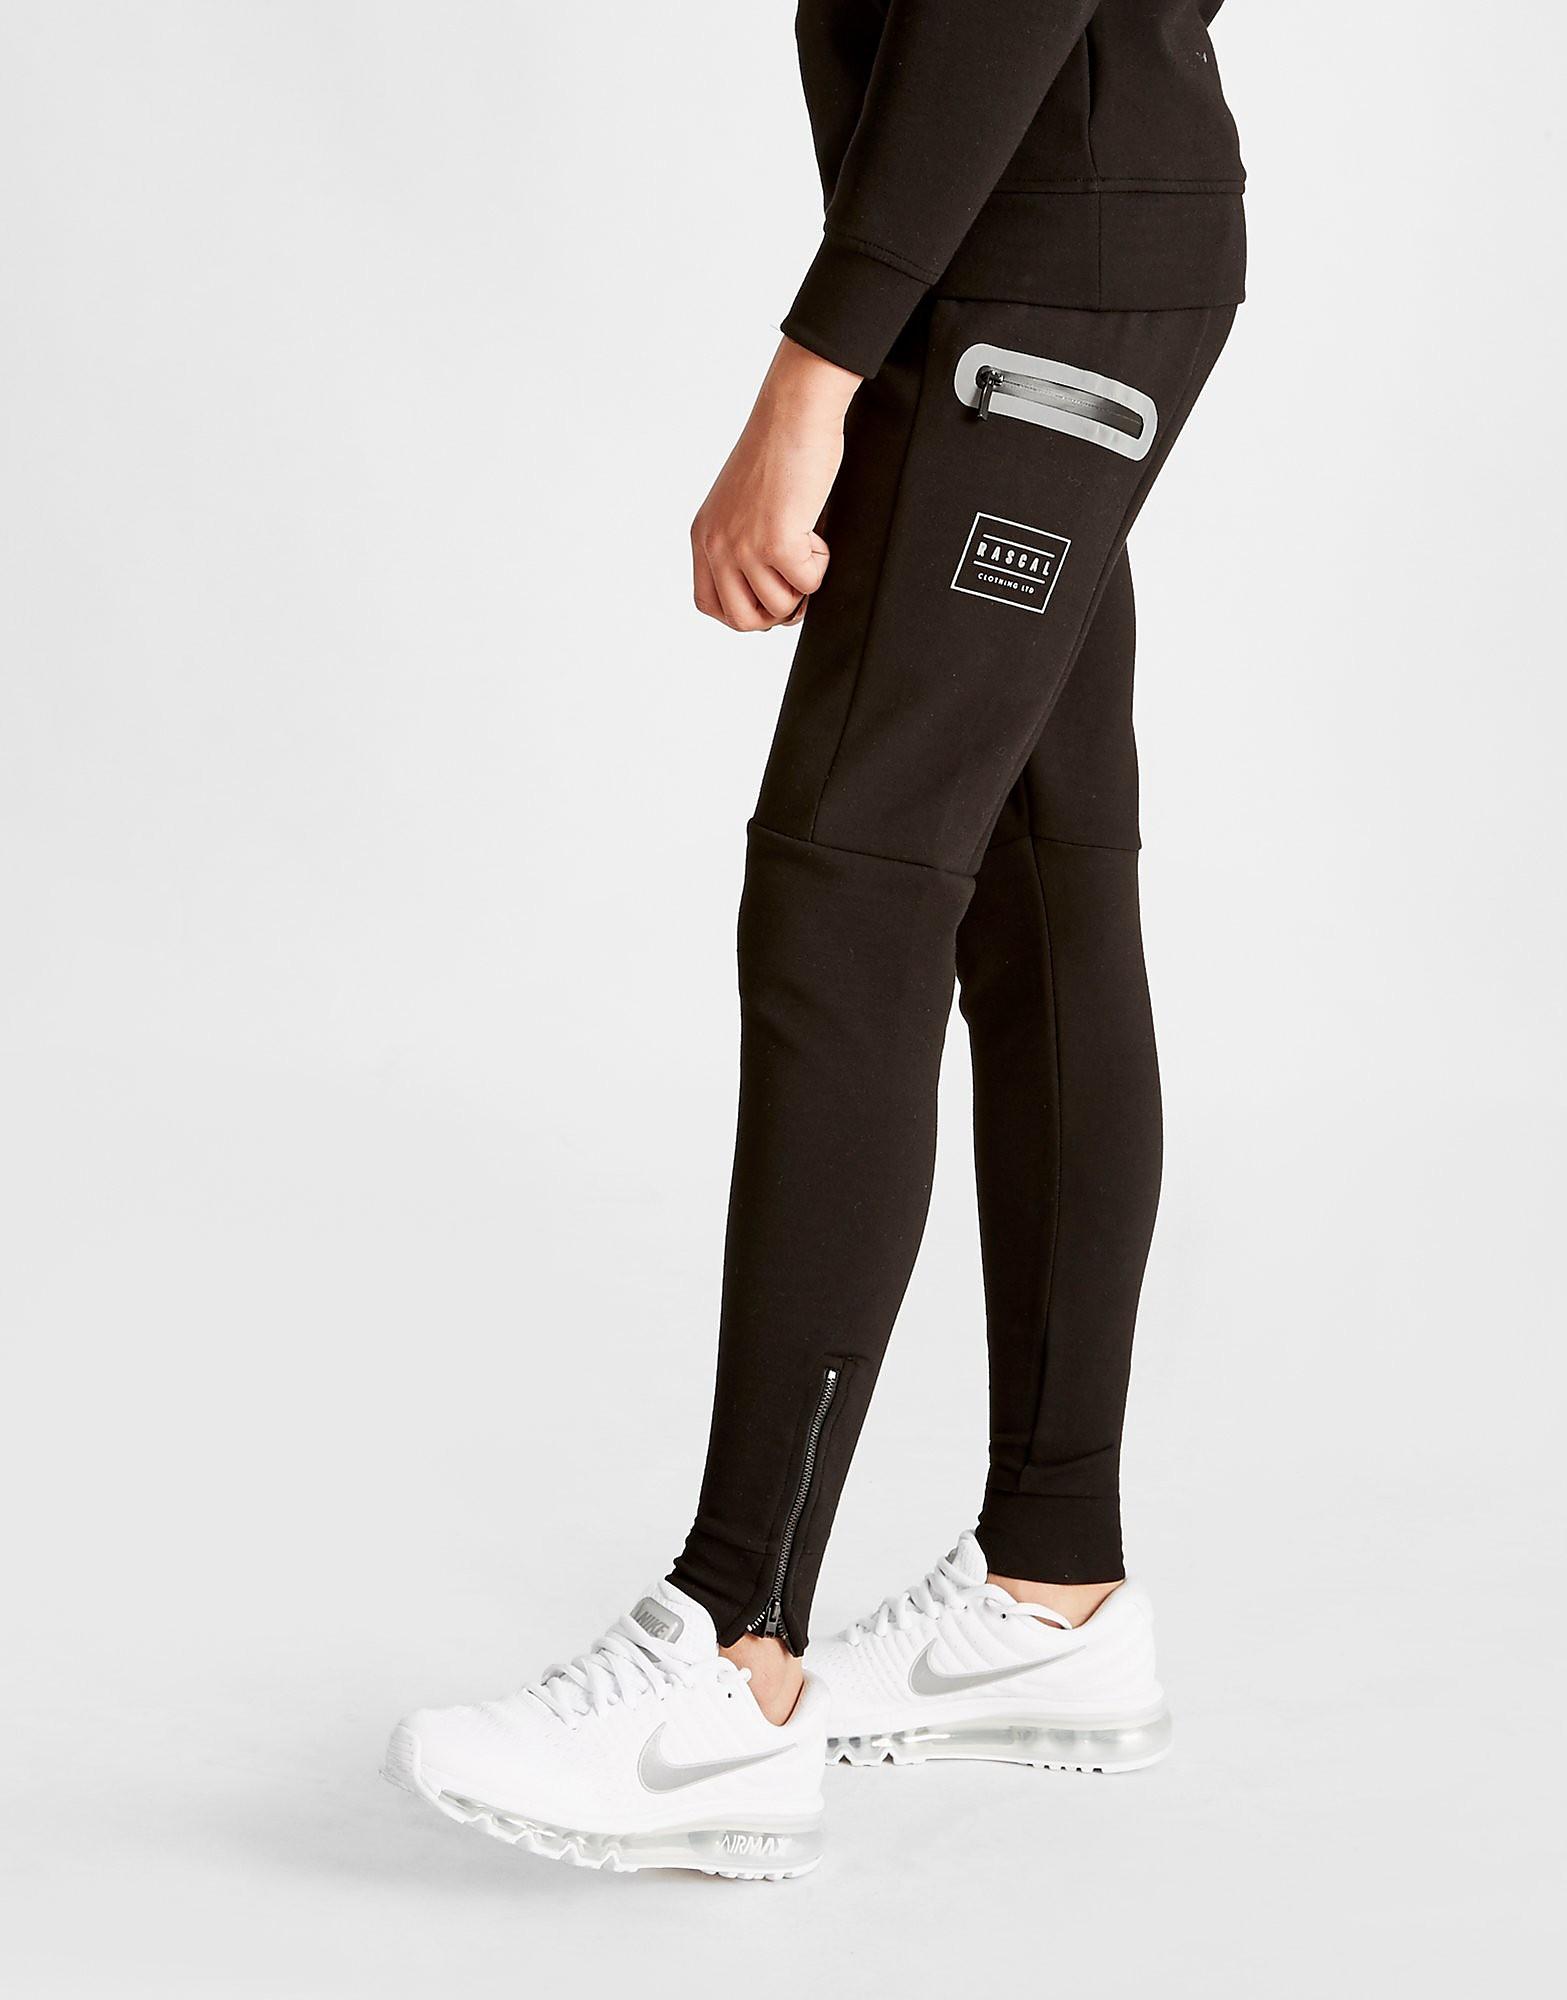 Rascal Dans un coloris noir élégant, le pantalon est fabriqué dans un mélange de polycoton durable pour un port ultra confortable. Le pantalon est doté de deux poches latérales zippées tandis que la taille élastiquée à la taille vous garantit un maintien sûr tout au long de la journée.